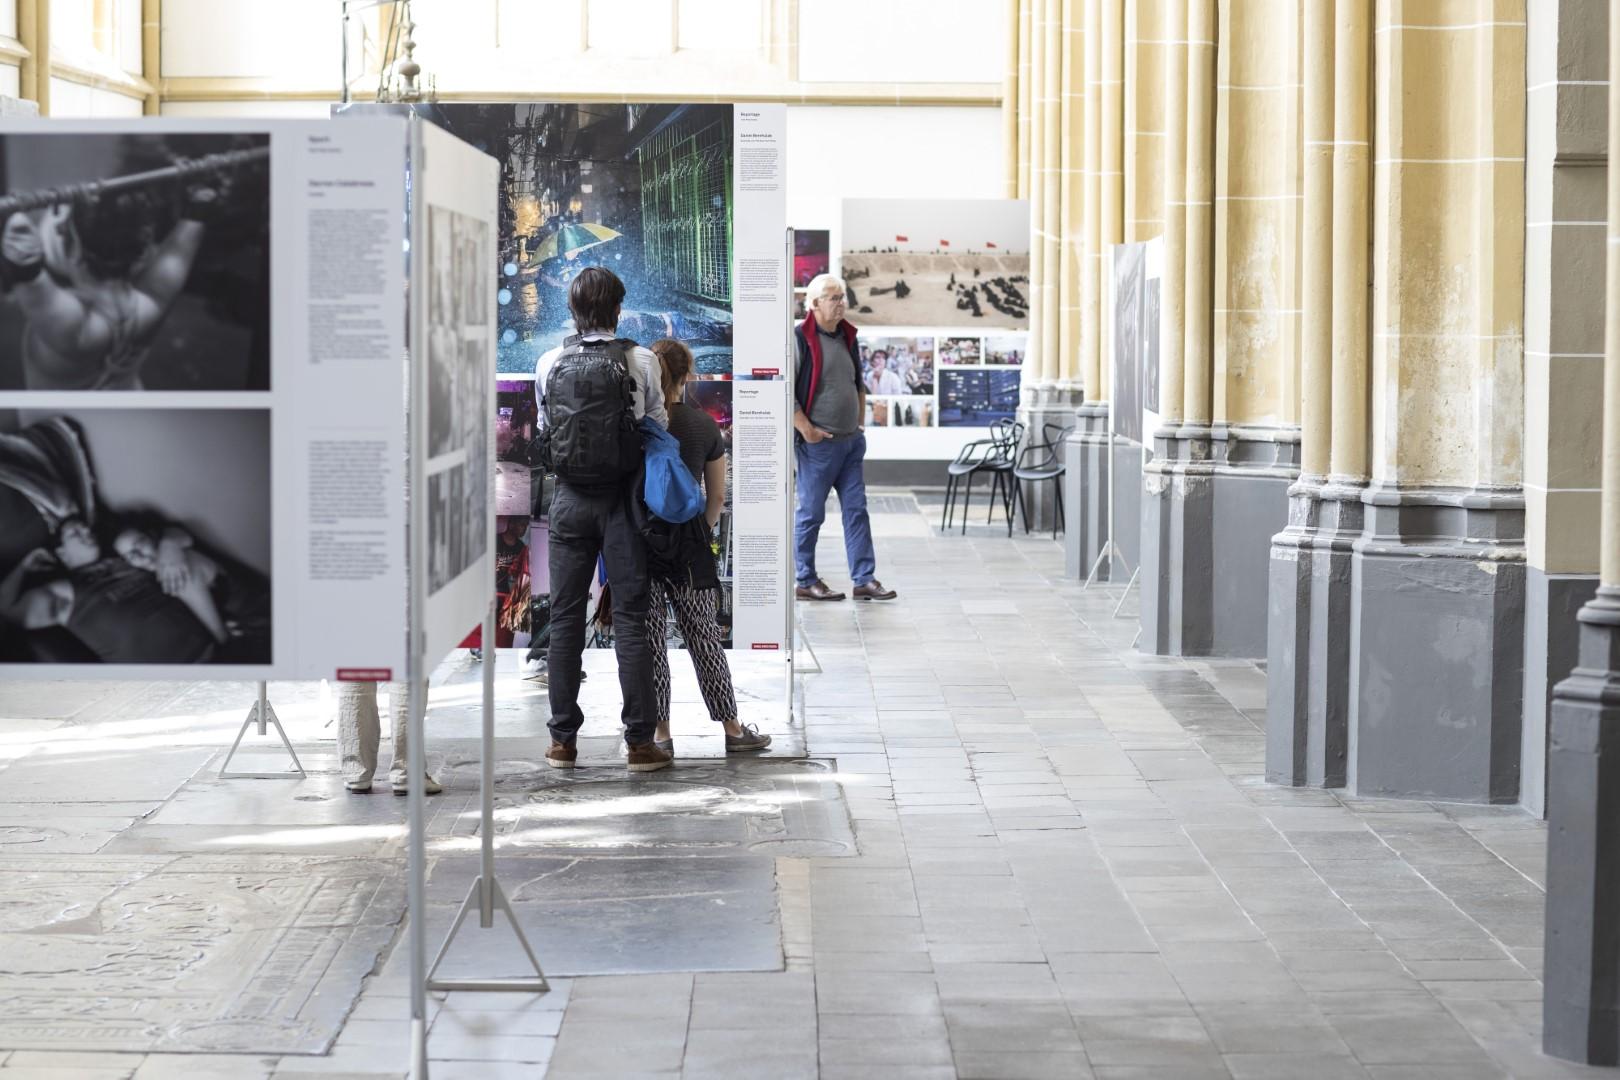 Bezoekers tijdens de tentoonstelling World Press Photo in de Walburgiskerk te Zutphen. (foto Patrick van Gemert/Zutphens Persbureau)